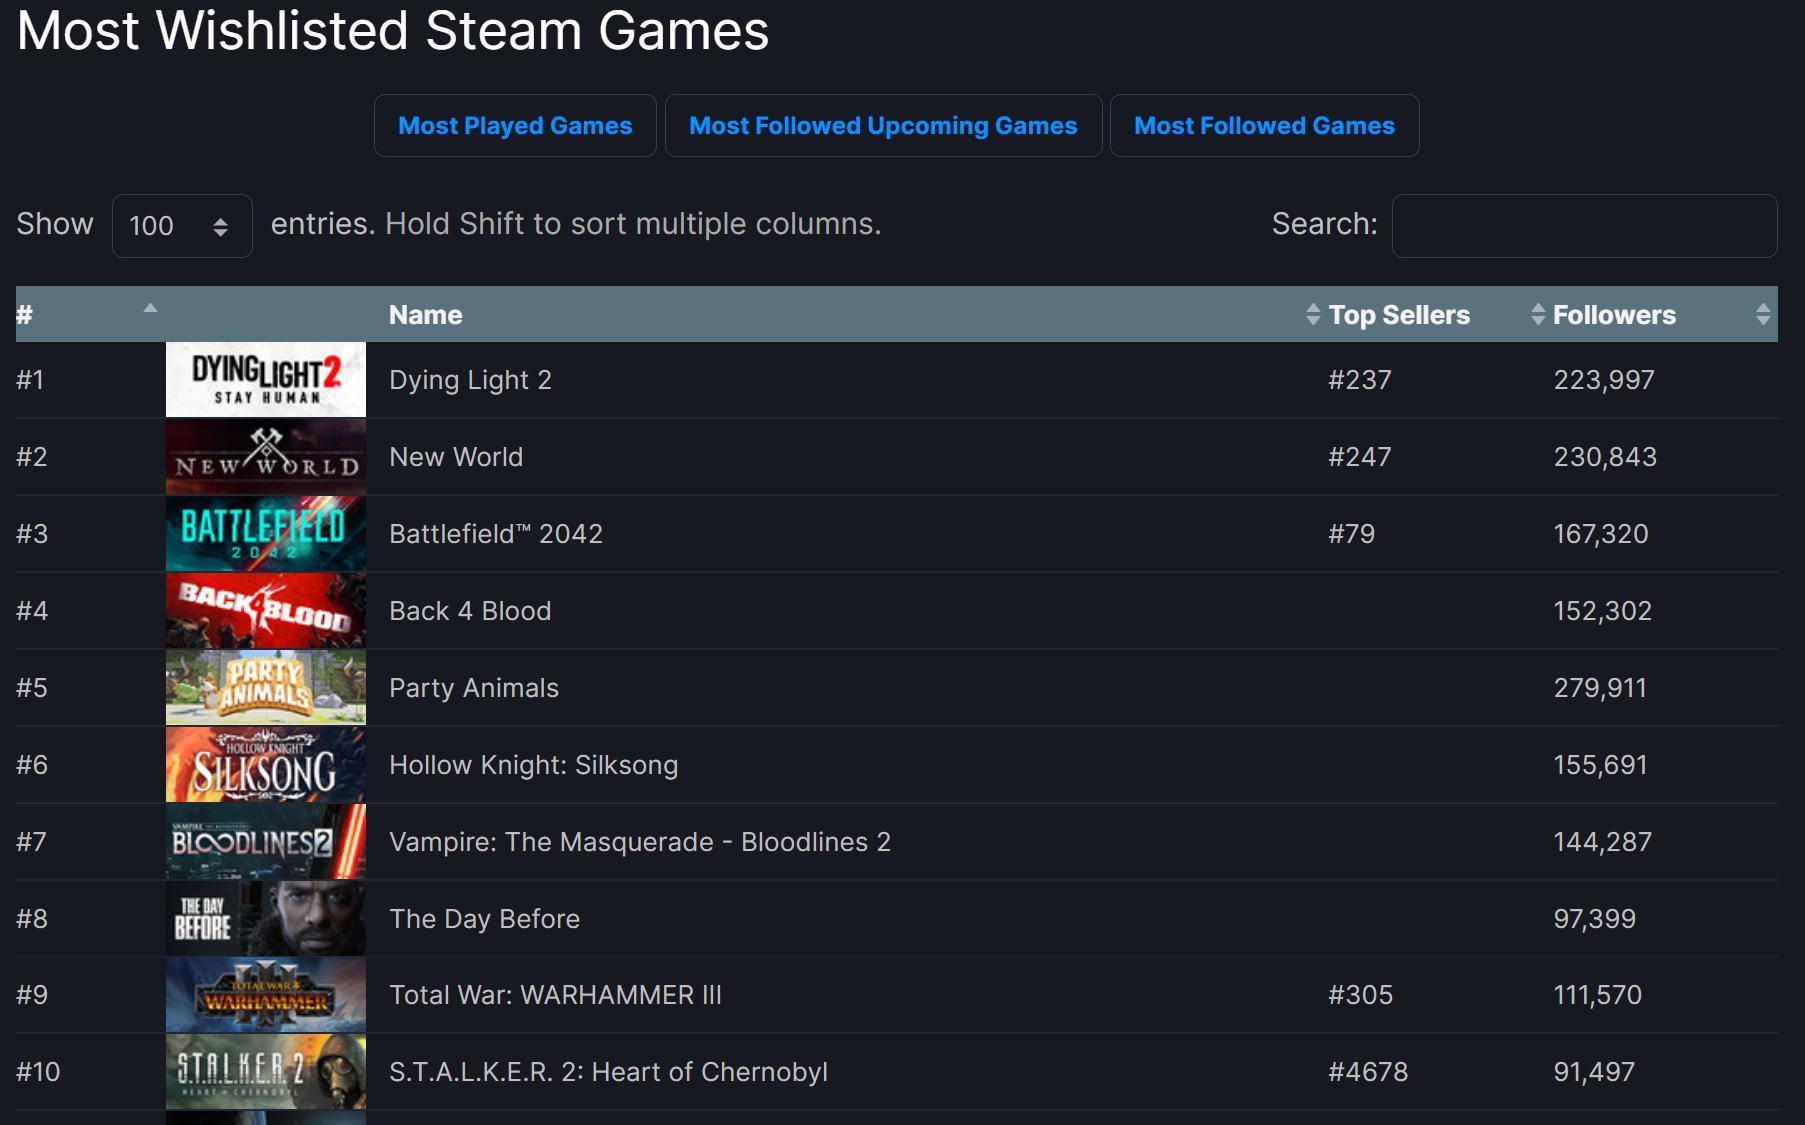 Les jeux les plus convoites de Steam revelent les titres